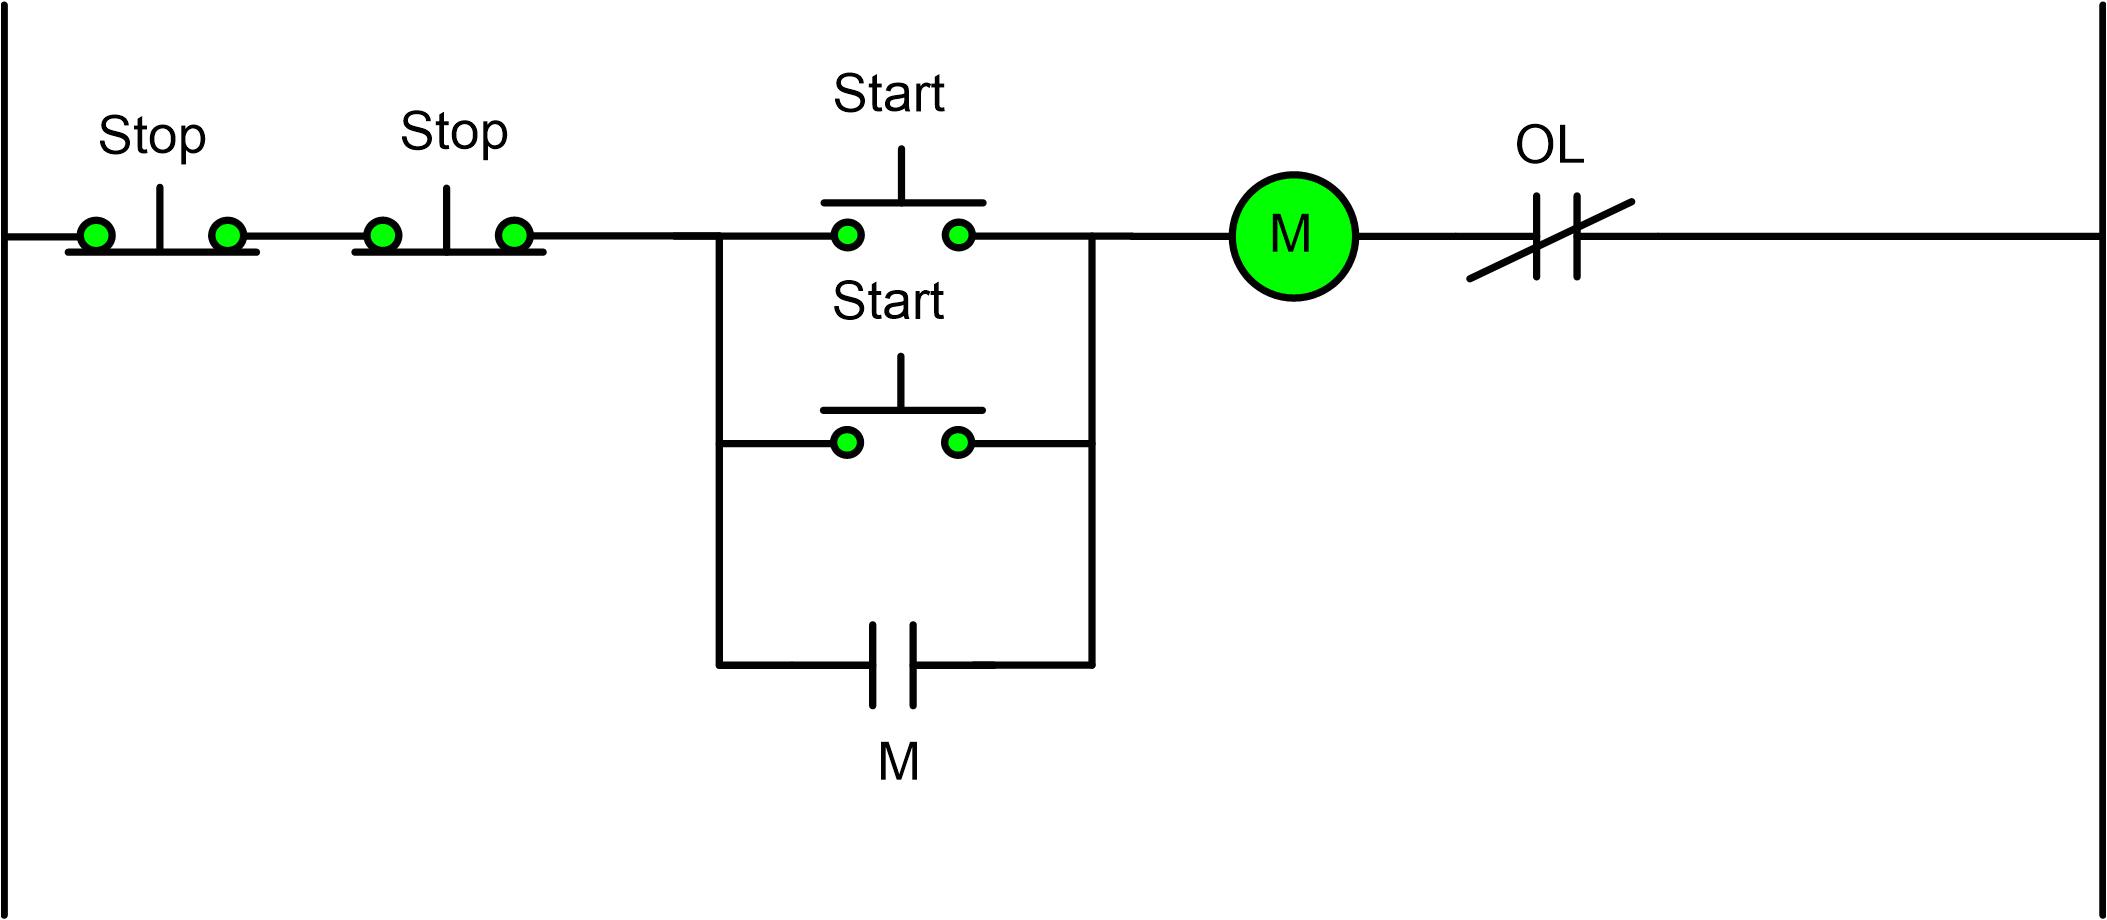 motor control circuit diagram pdf wiring diagram new 3 phase motor circuit diagram pdf